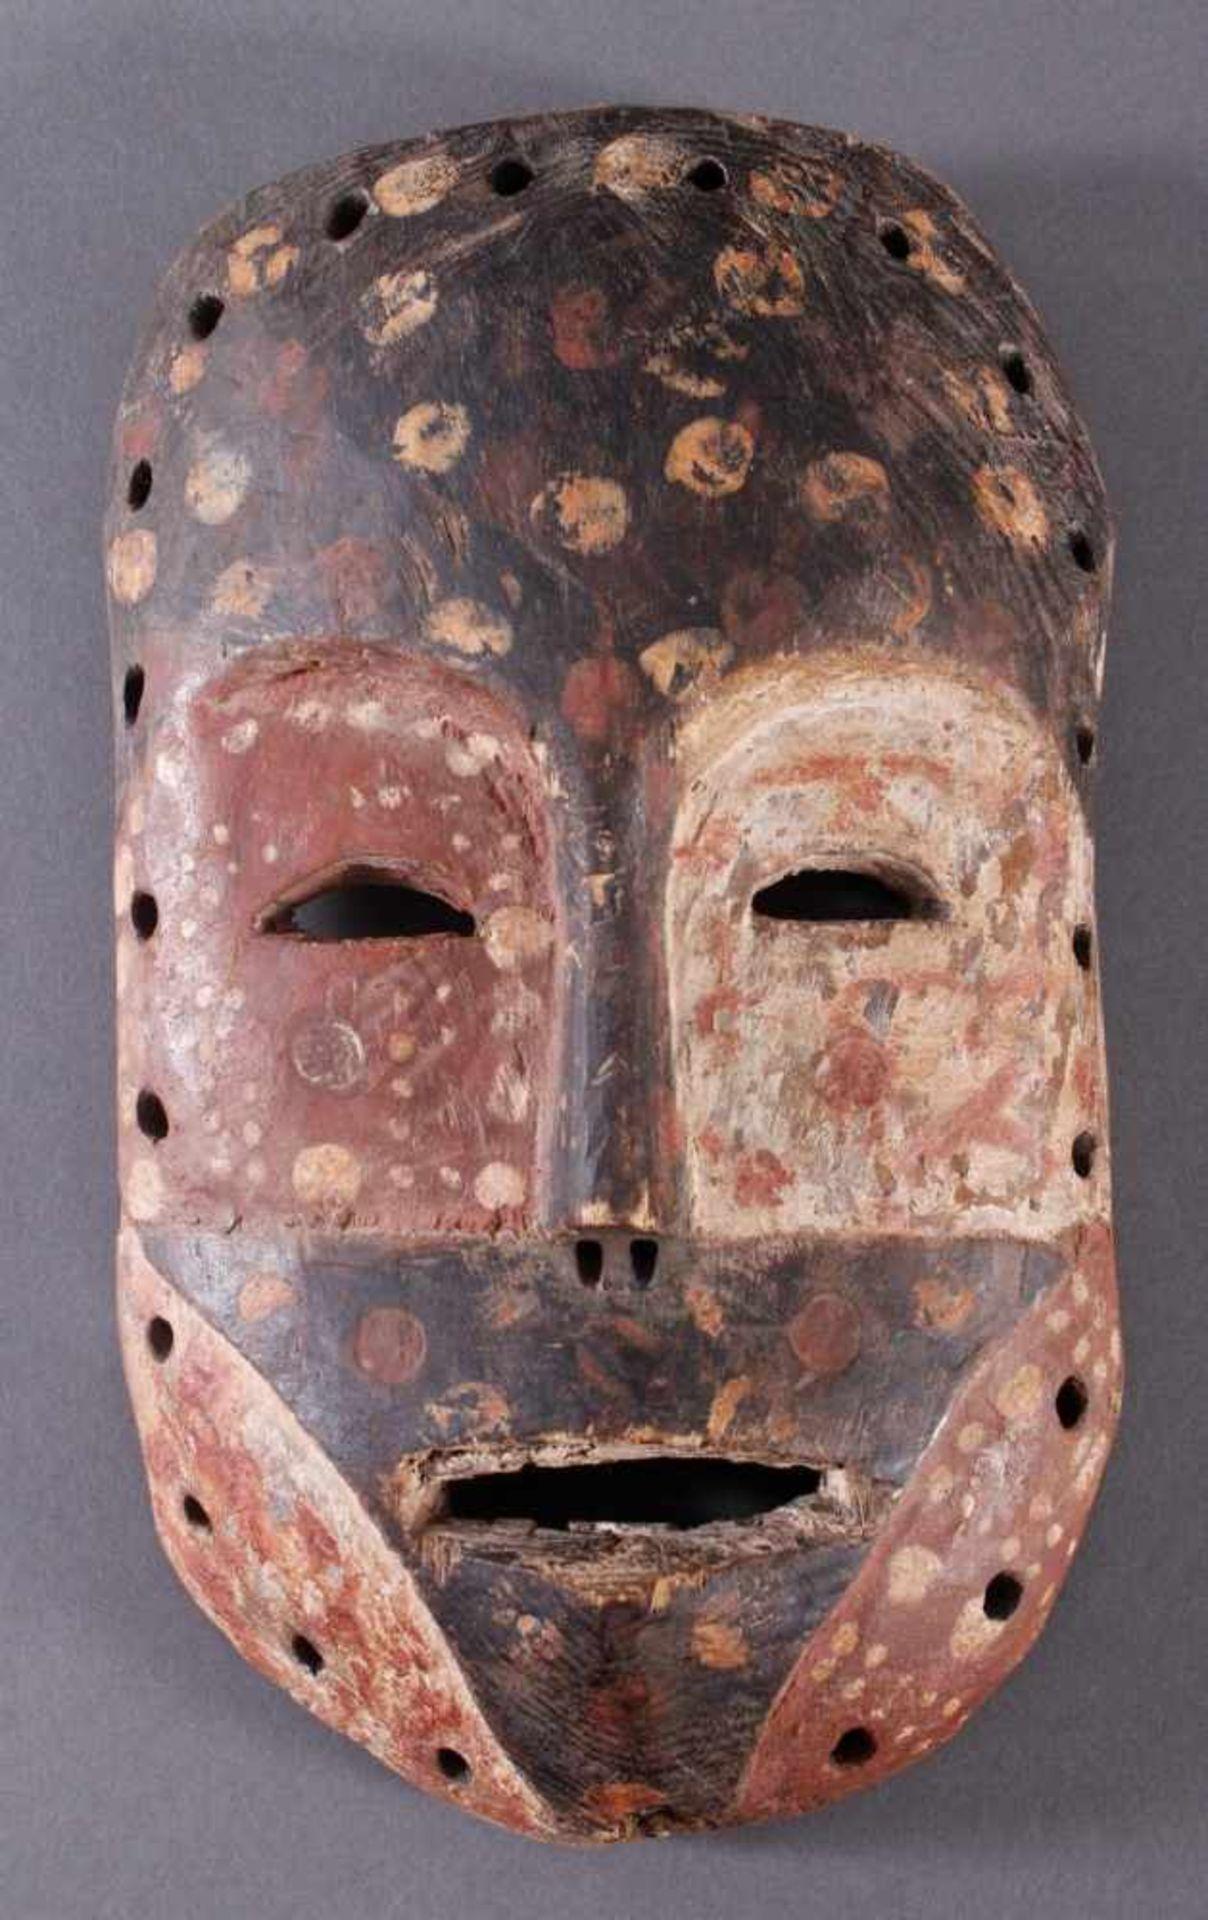 Antike Maske, Mossi, Ghana 1. Hälfte 20. Jh.Holz geschnitzt, Kalk, schwarze und rote Bemalung, ca. 6 - Bild 3 aus 3